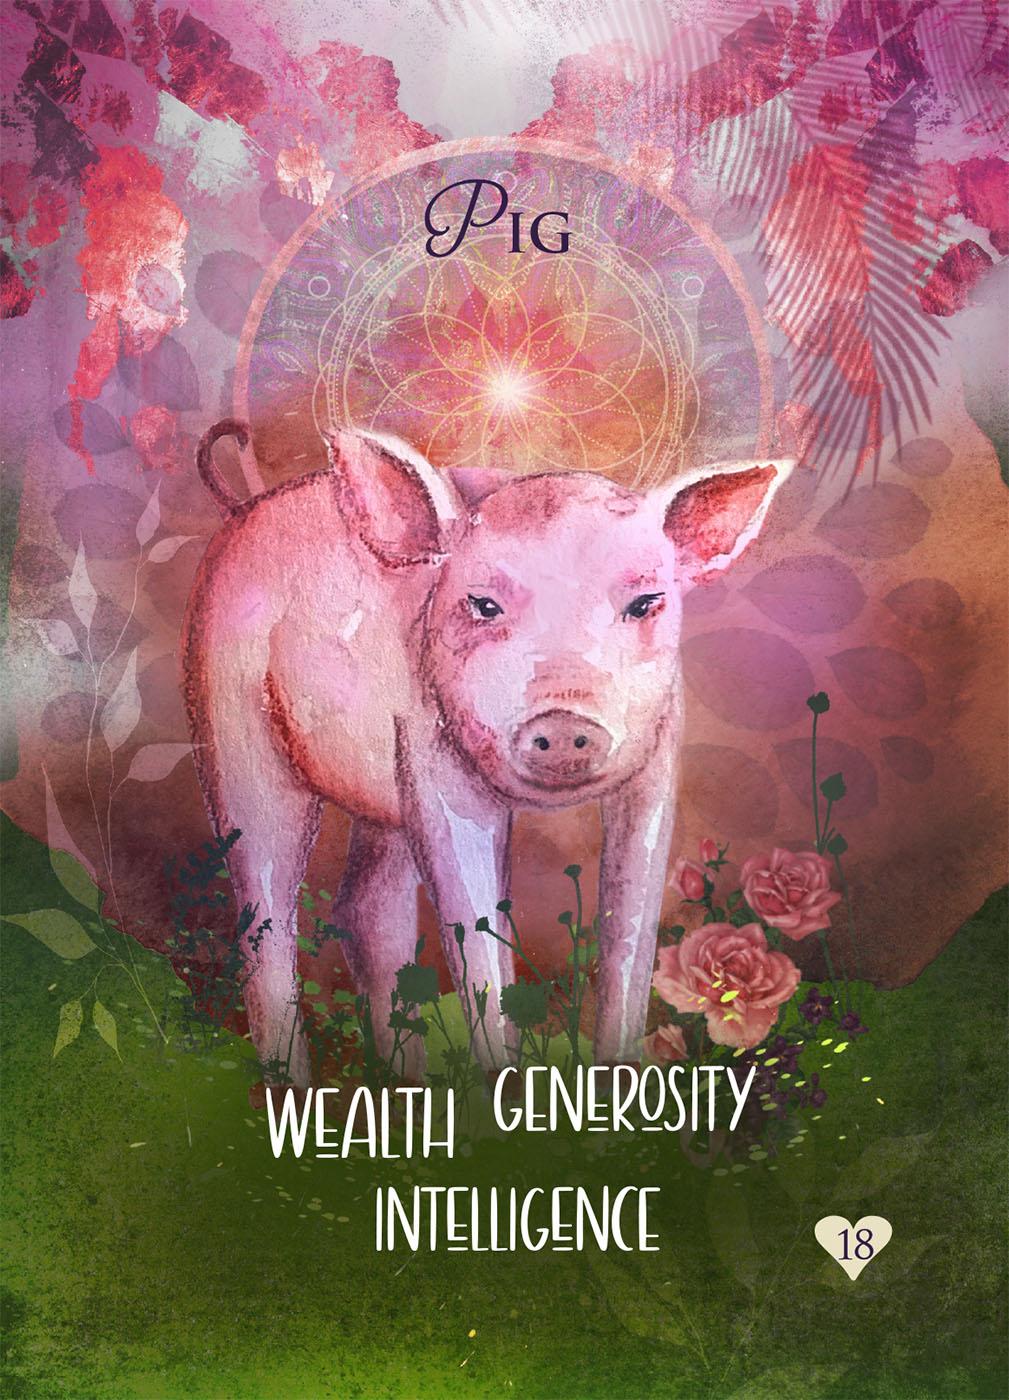 Pig - Pigs-in-a-blanket